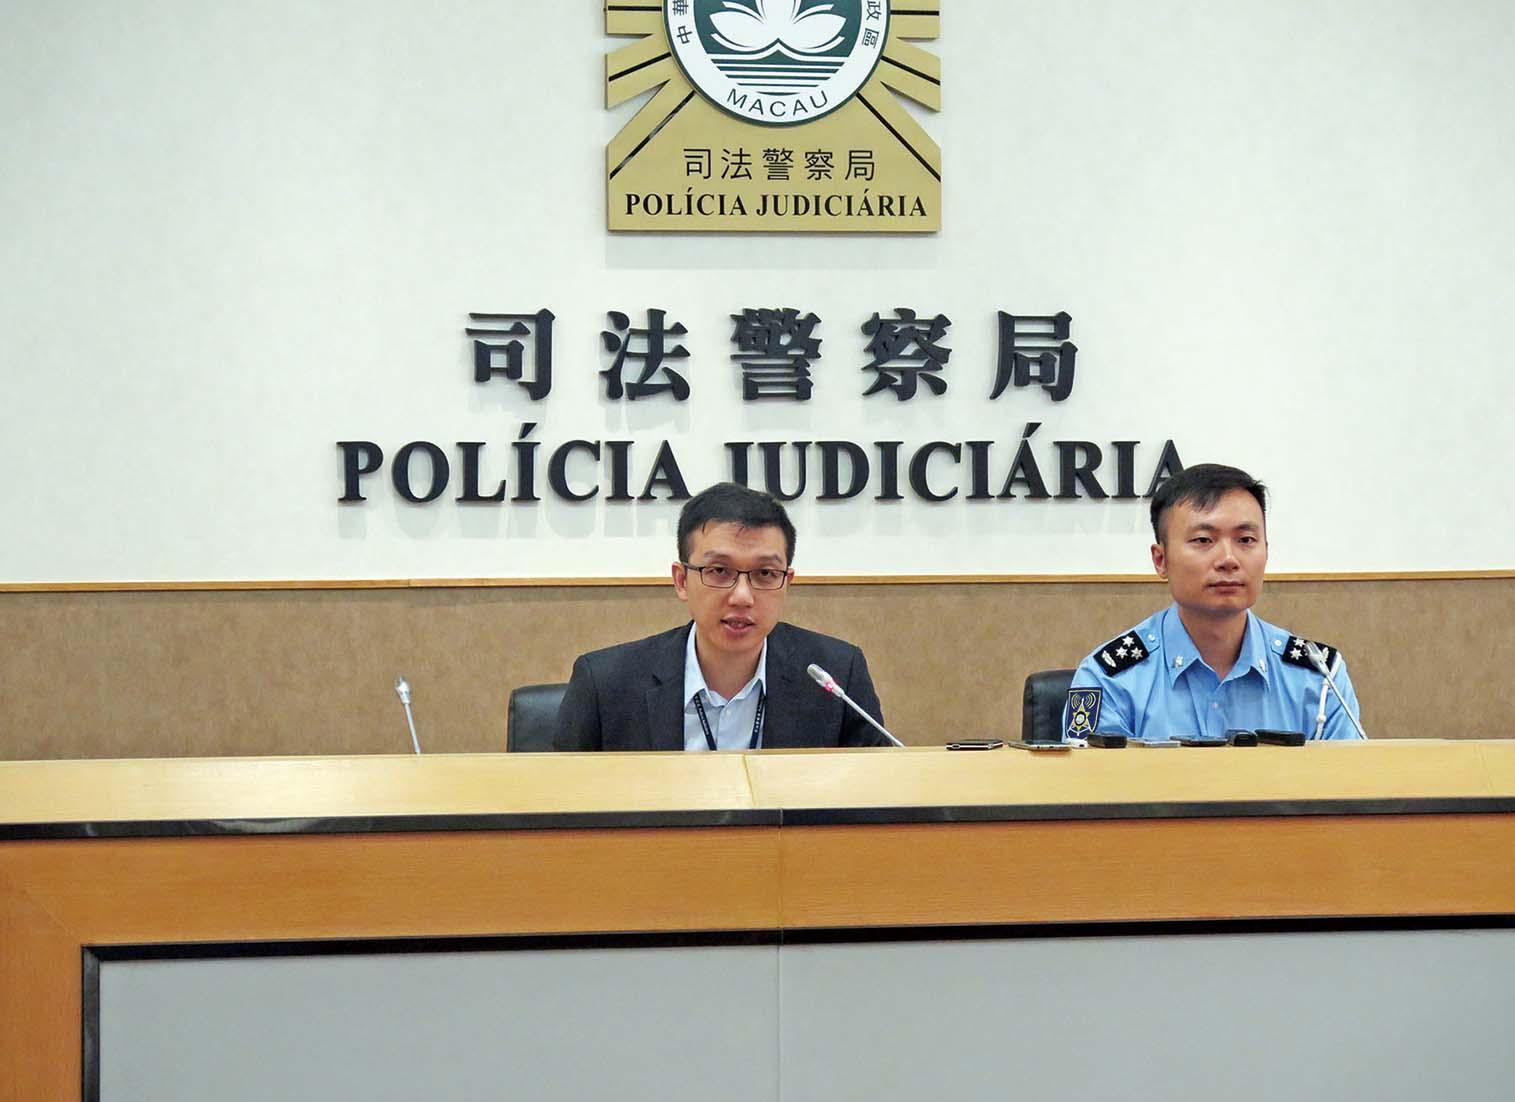 警方拘捕移送檢察院處理